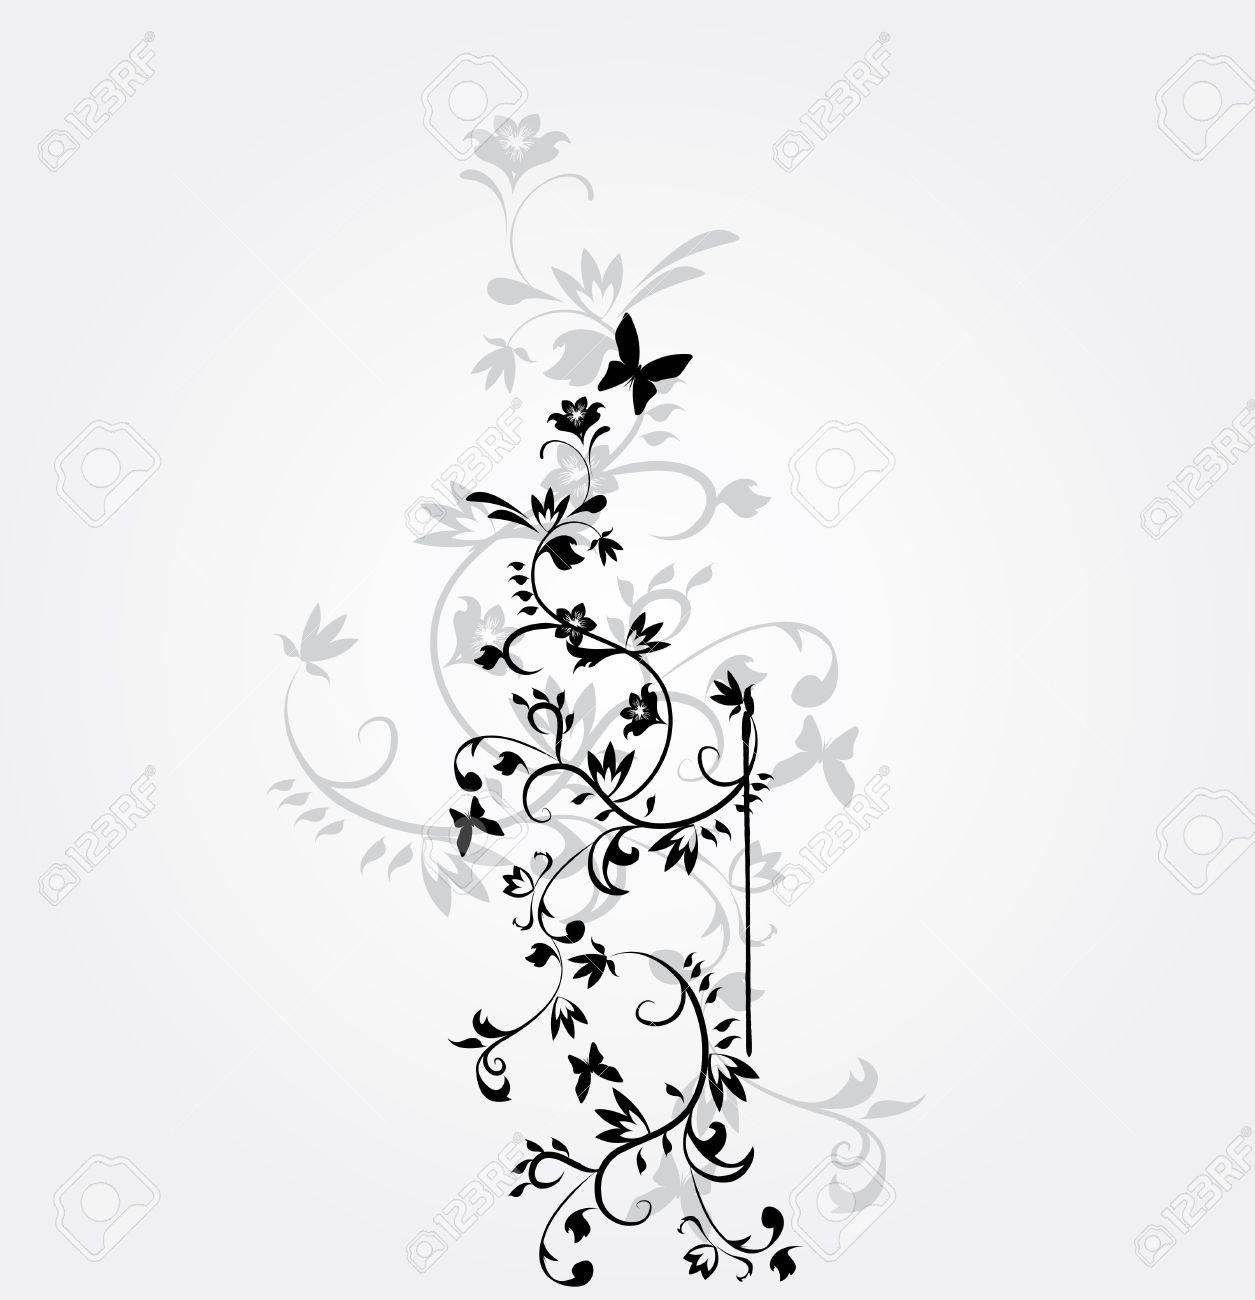 Flower Vector Black And White Vector Flower Pattern on White